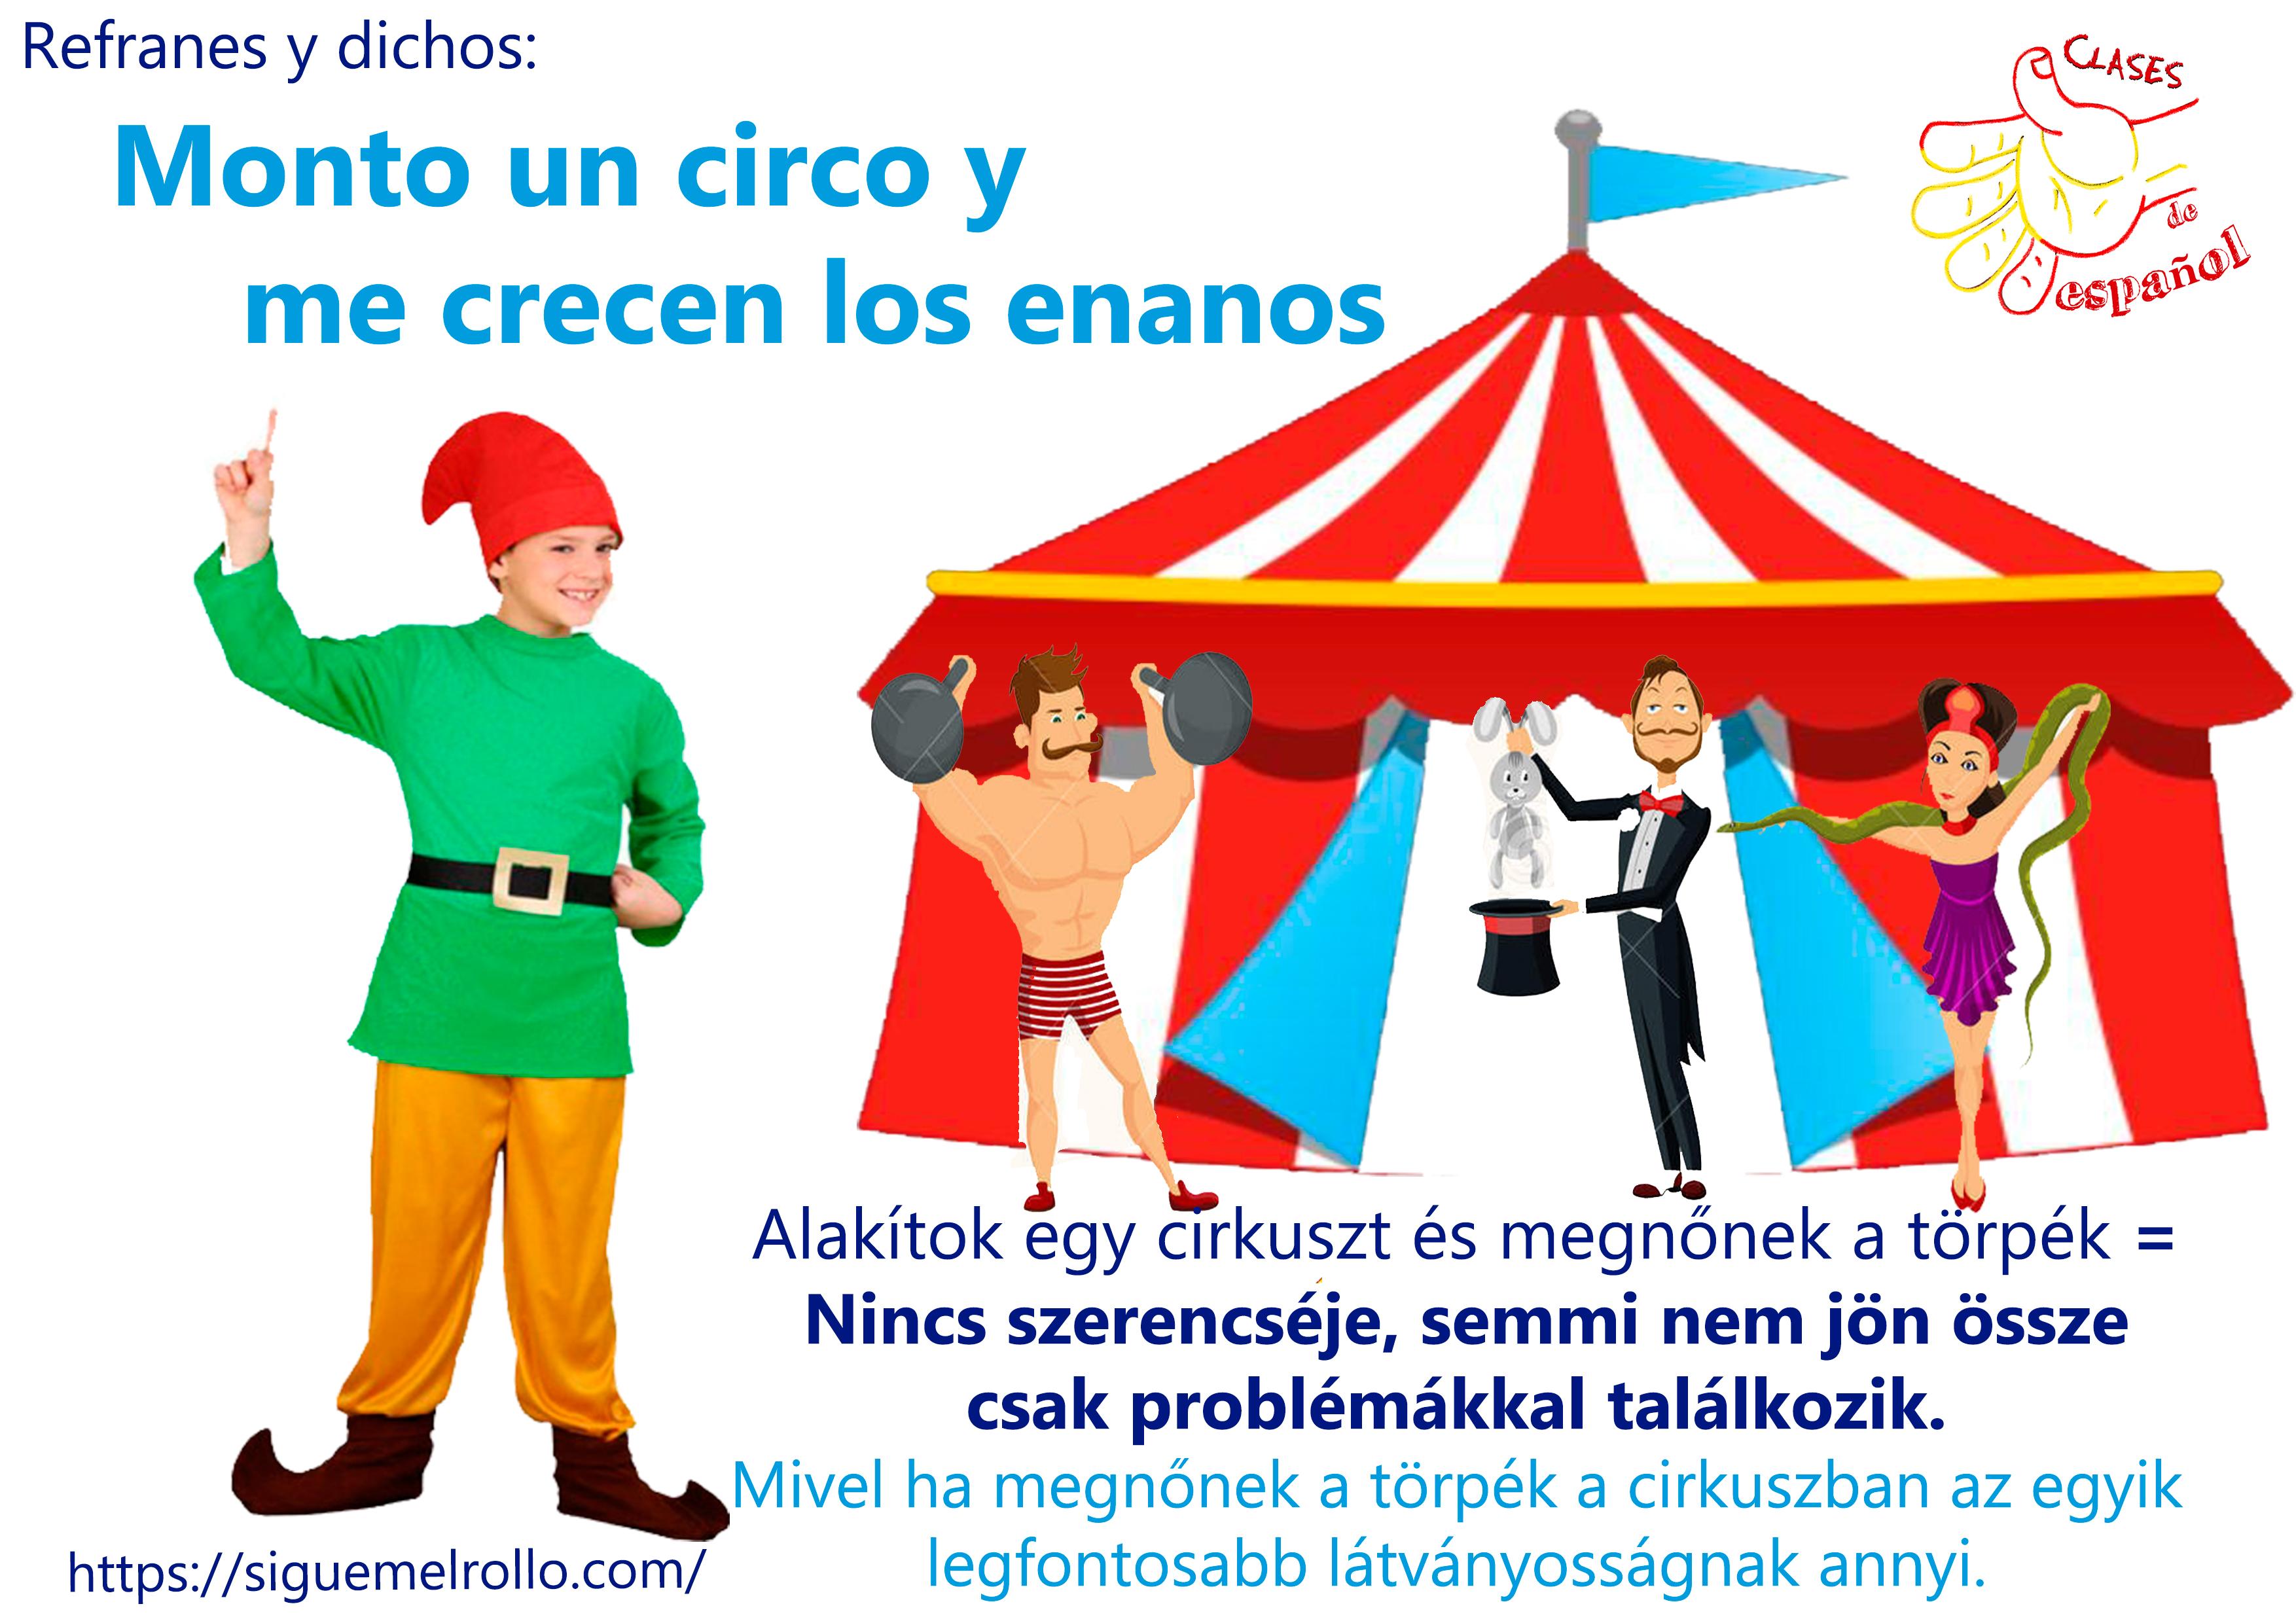 Monto un circo u me crecen los enanos